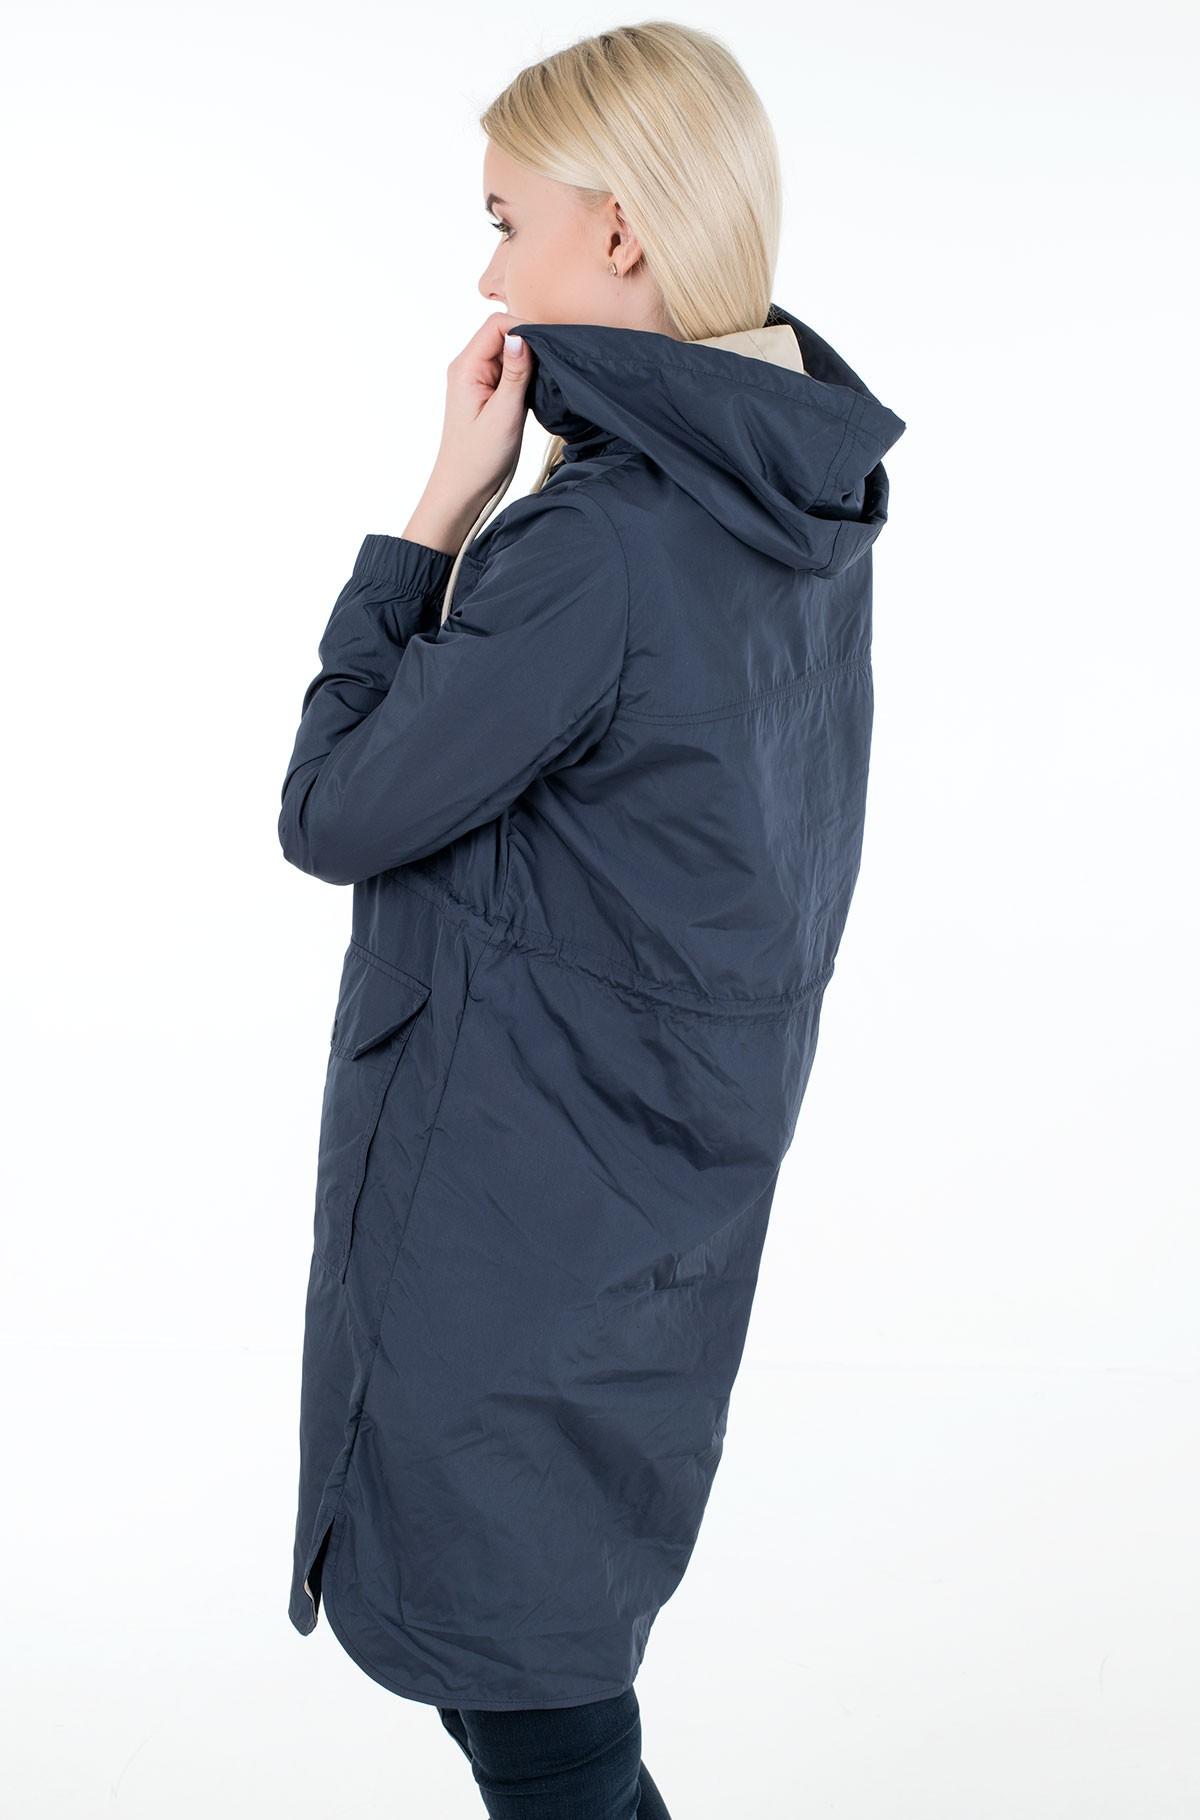 Windbreaker jacket 1024466-full-3